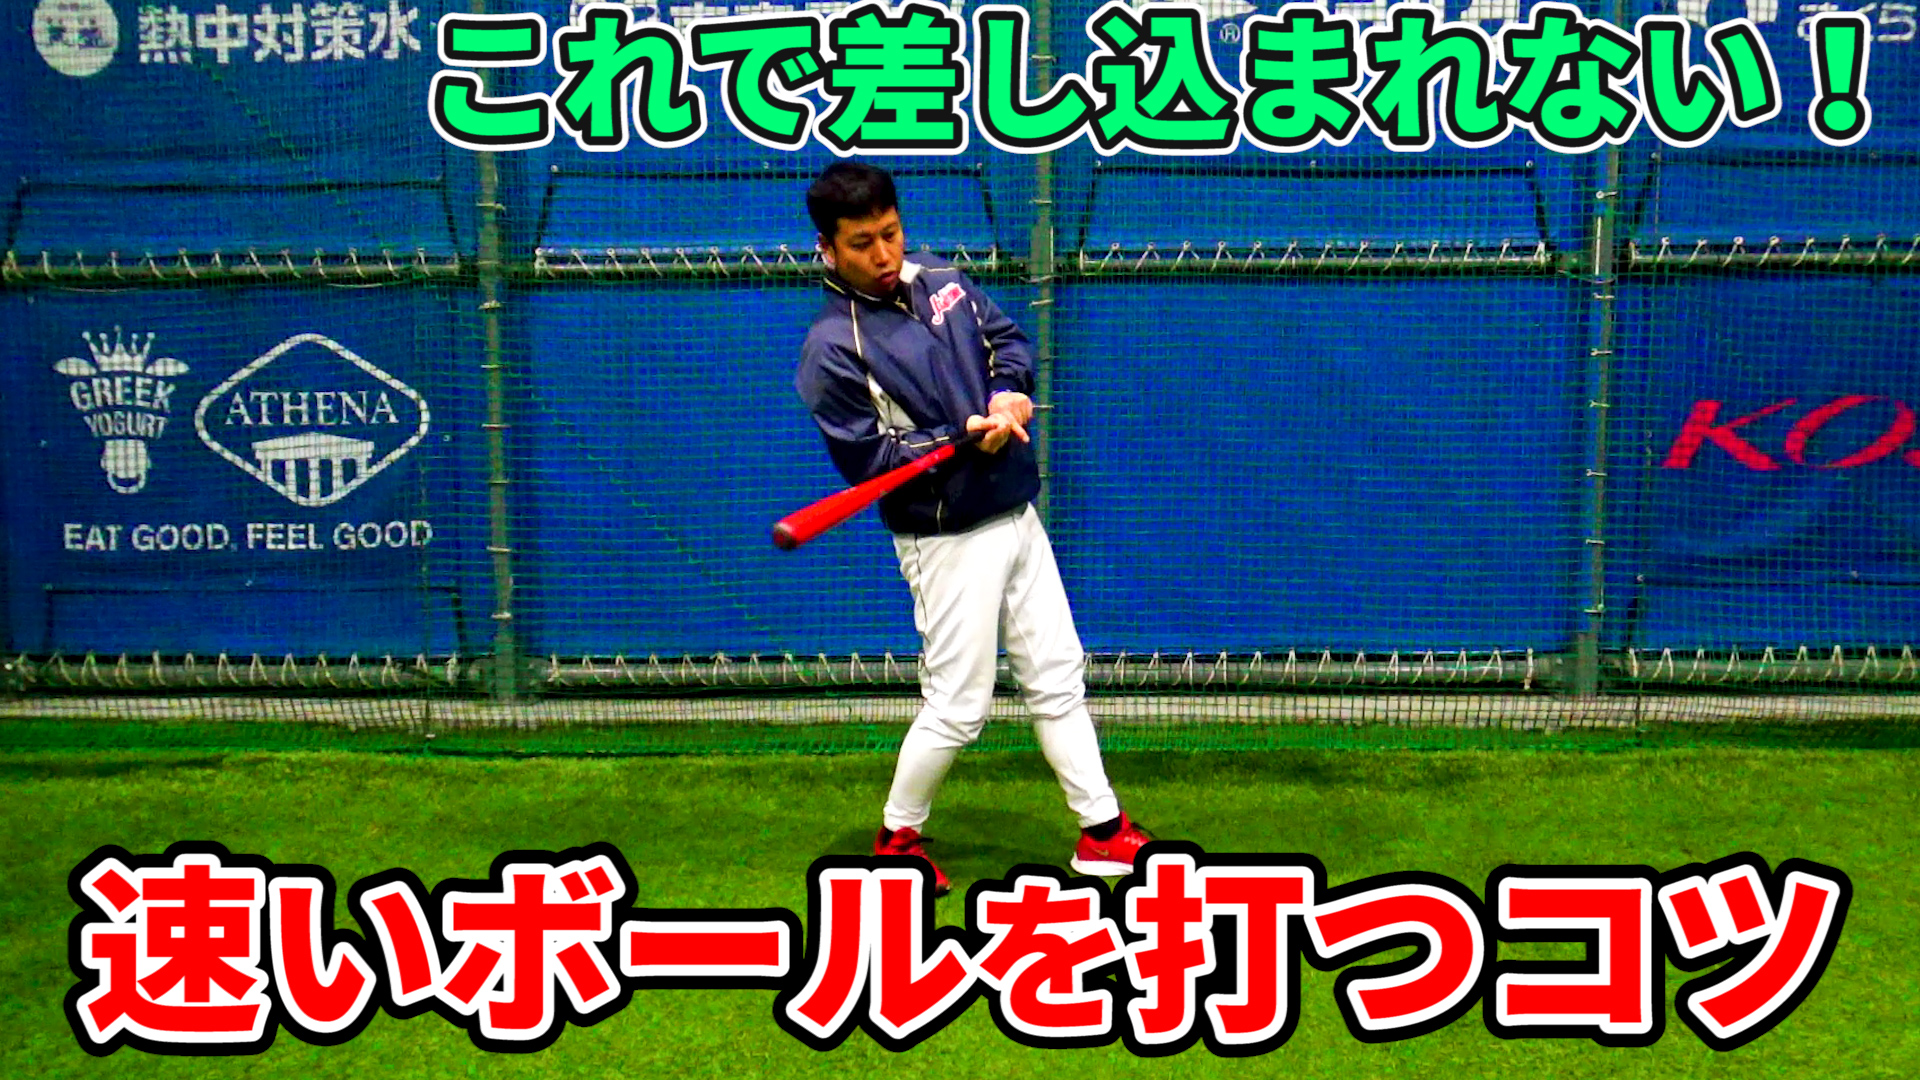 速いボールにタイミングをあわせるバッティングフォームと動作のポイントのサムネイル